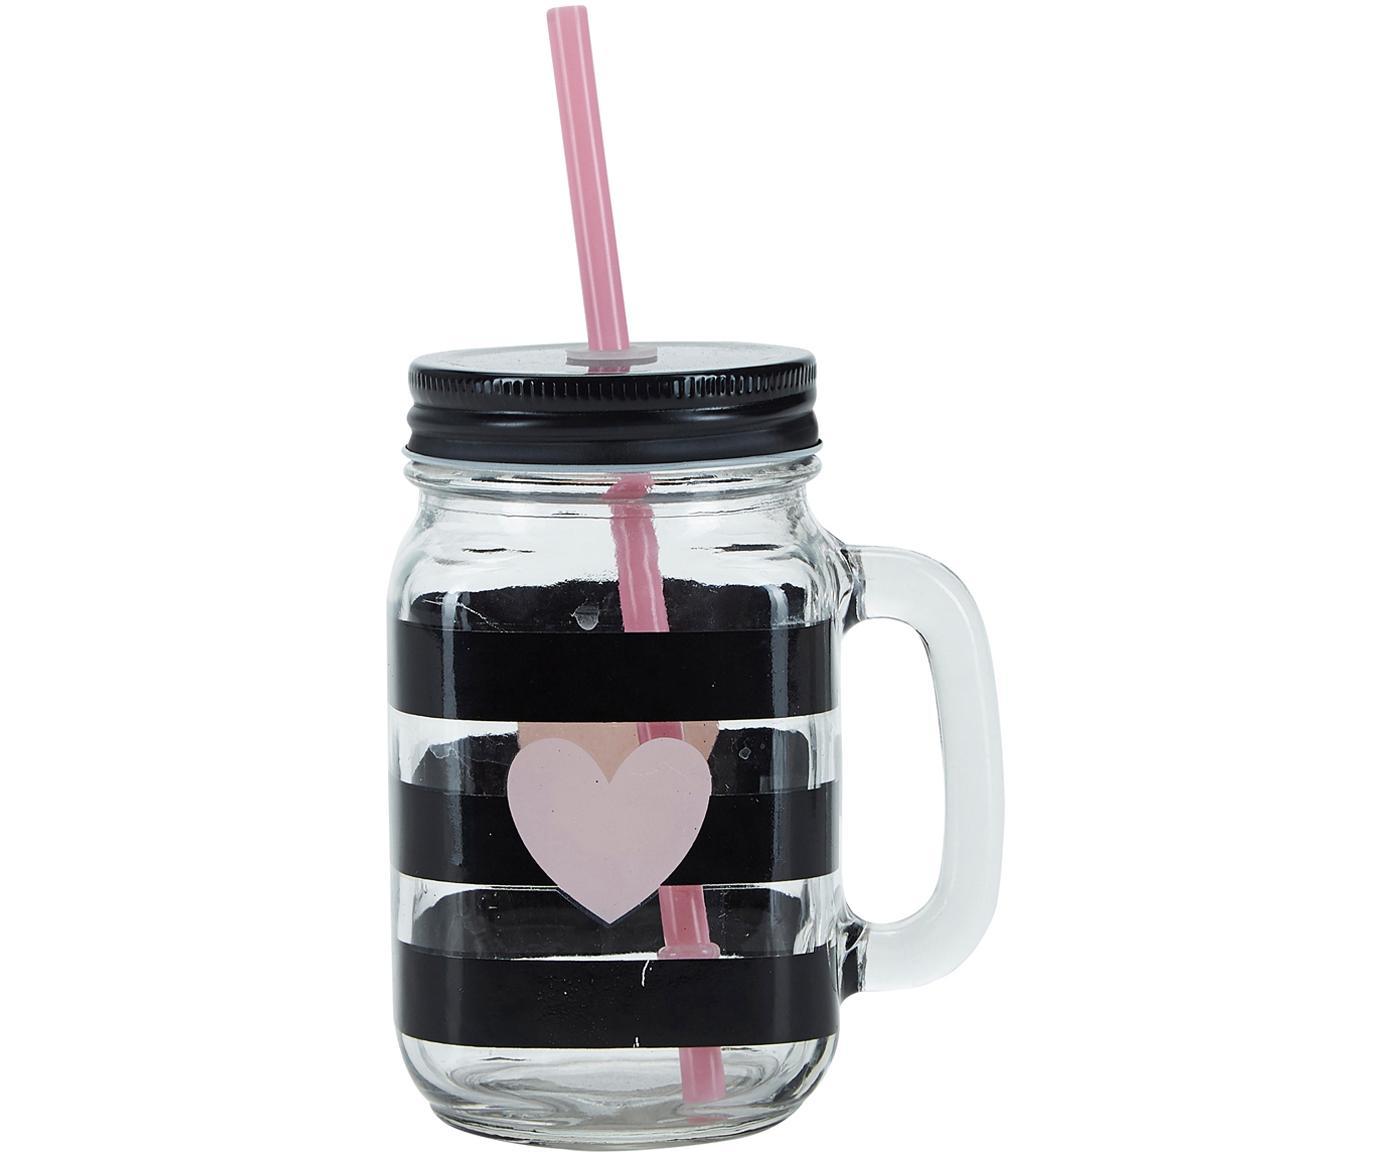 Vasos de cóctel Stripes & Heart, 2uds., Recipiente: vidrio, Tapa: metal, plástico, Transparente, negro, rosa, Ø 7 x Al 16 cm